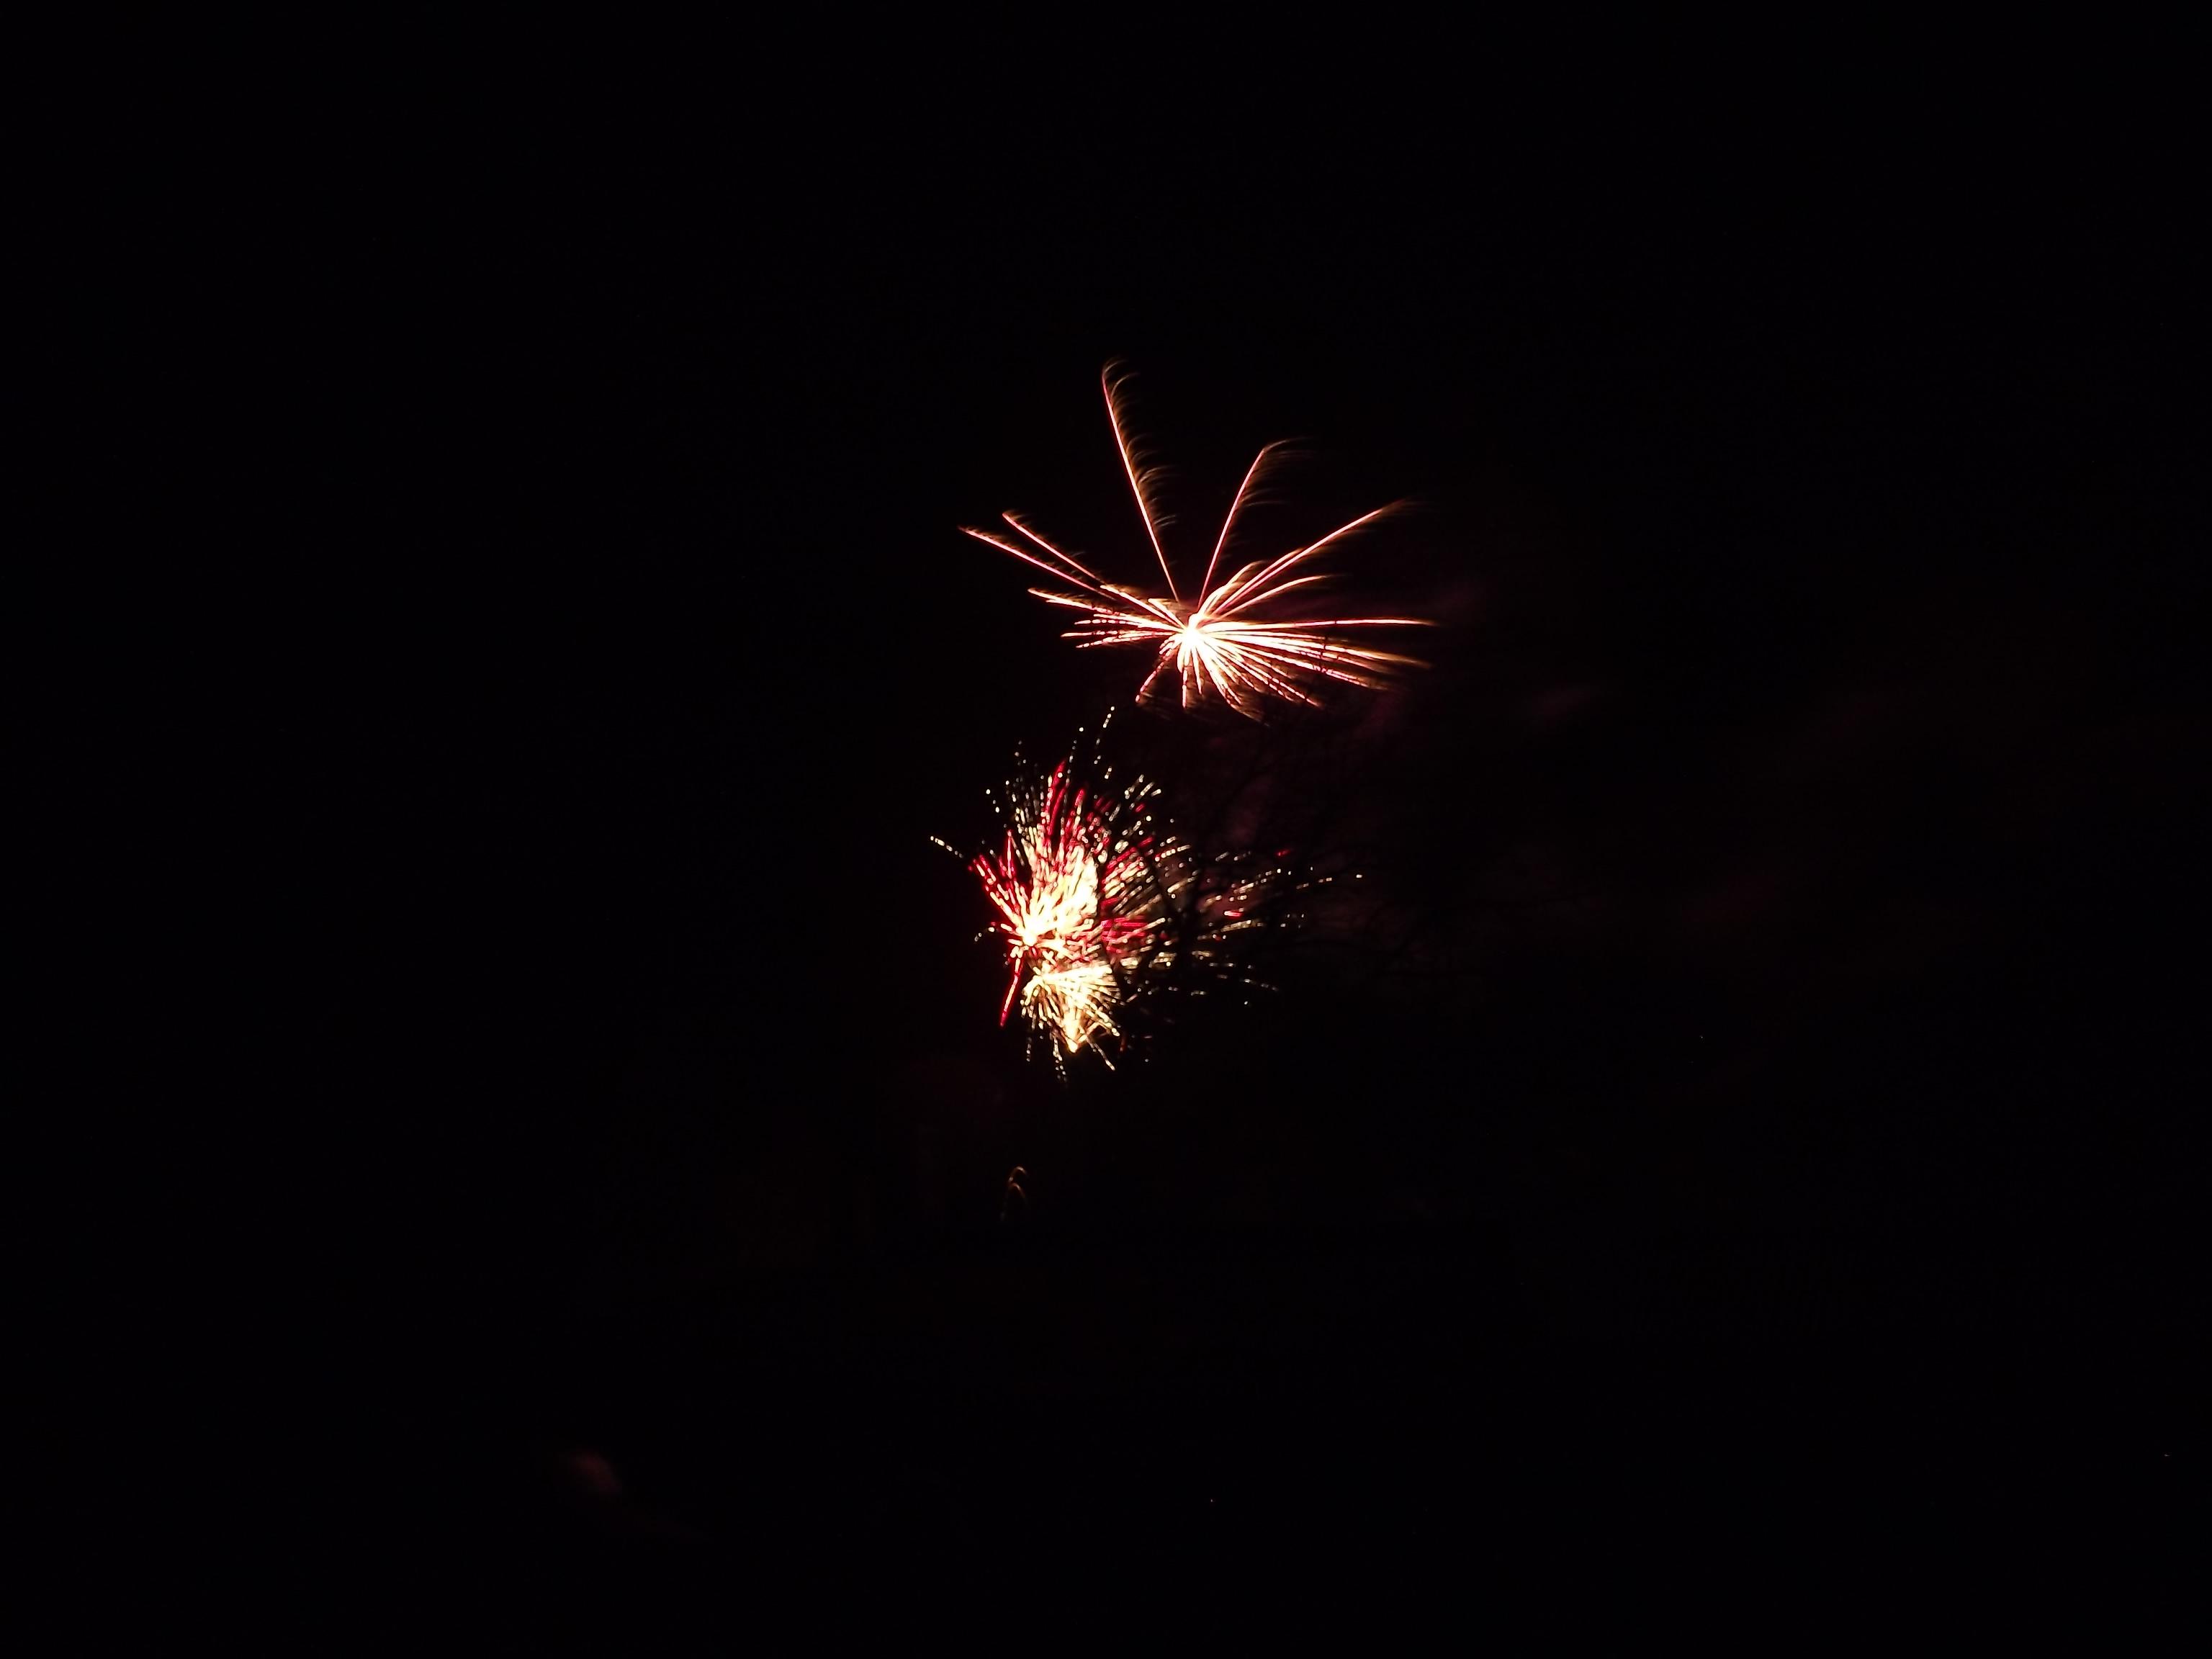 feuerwerk-zwei-explosionen-4484